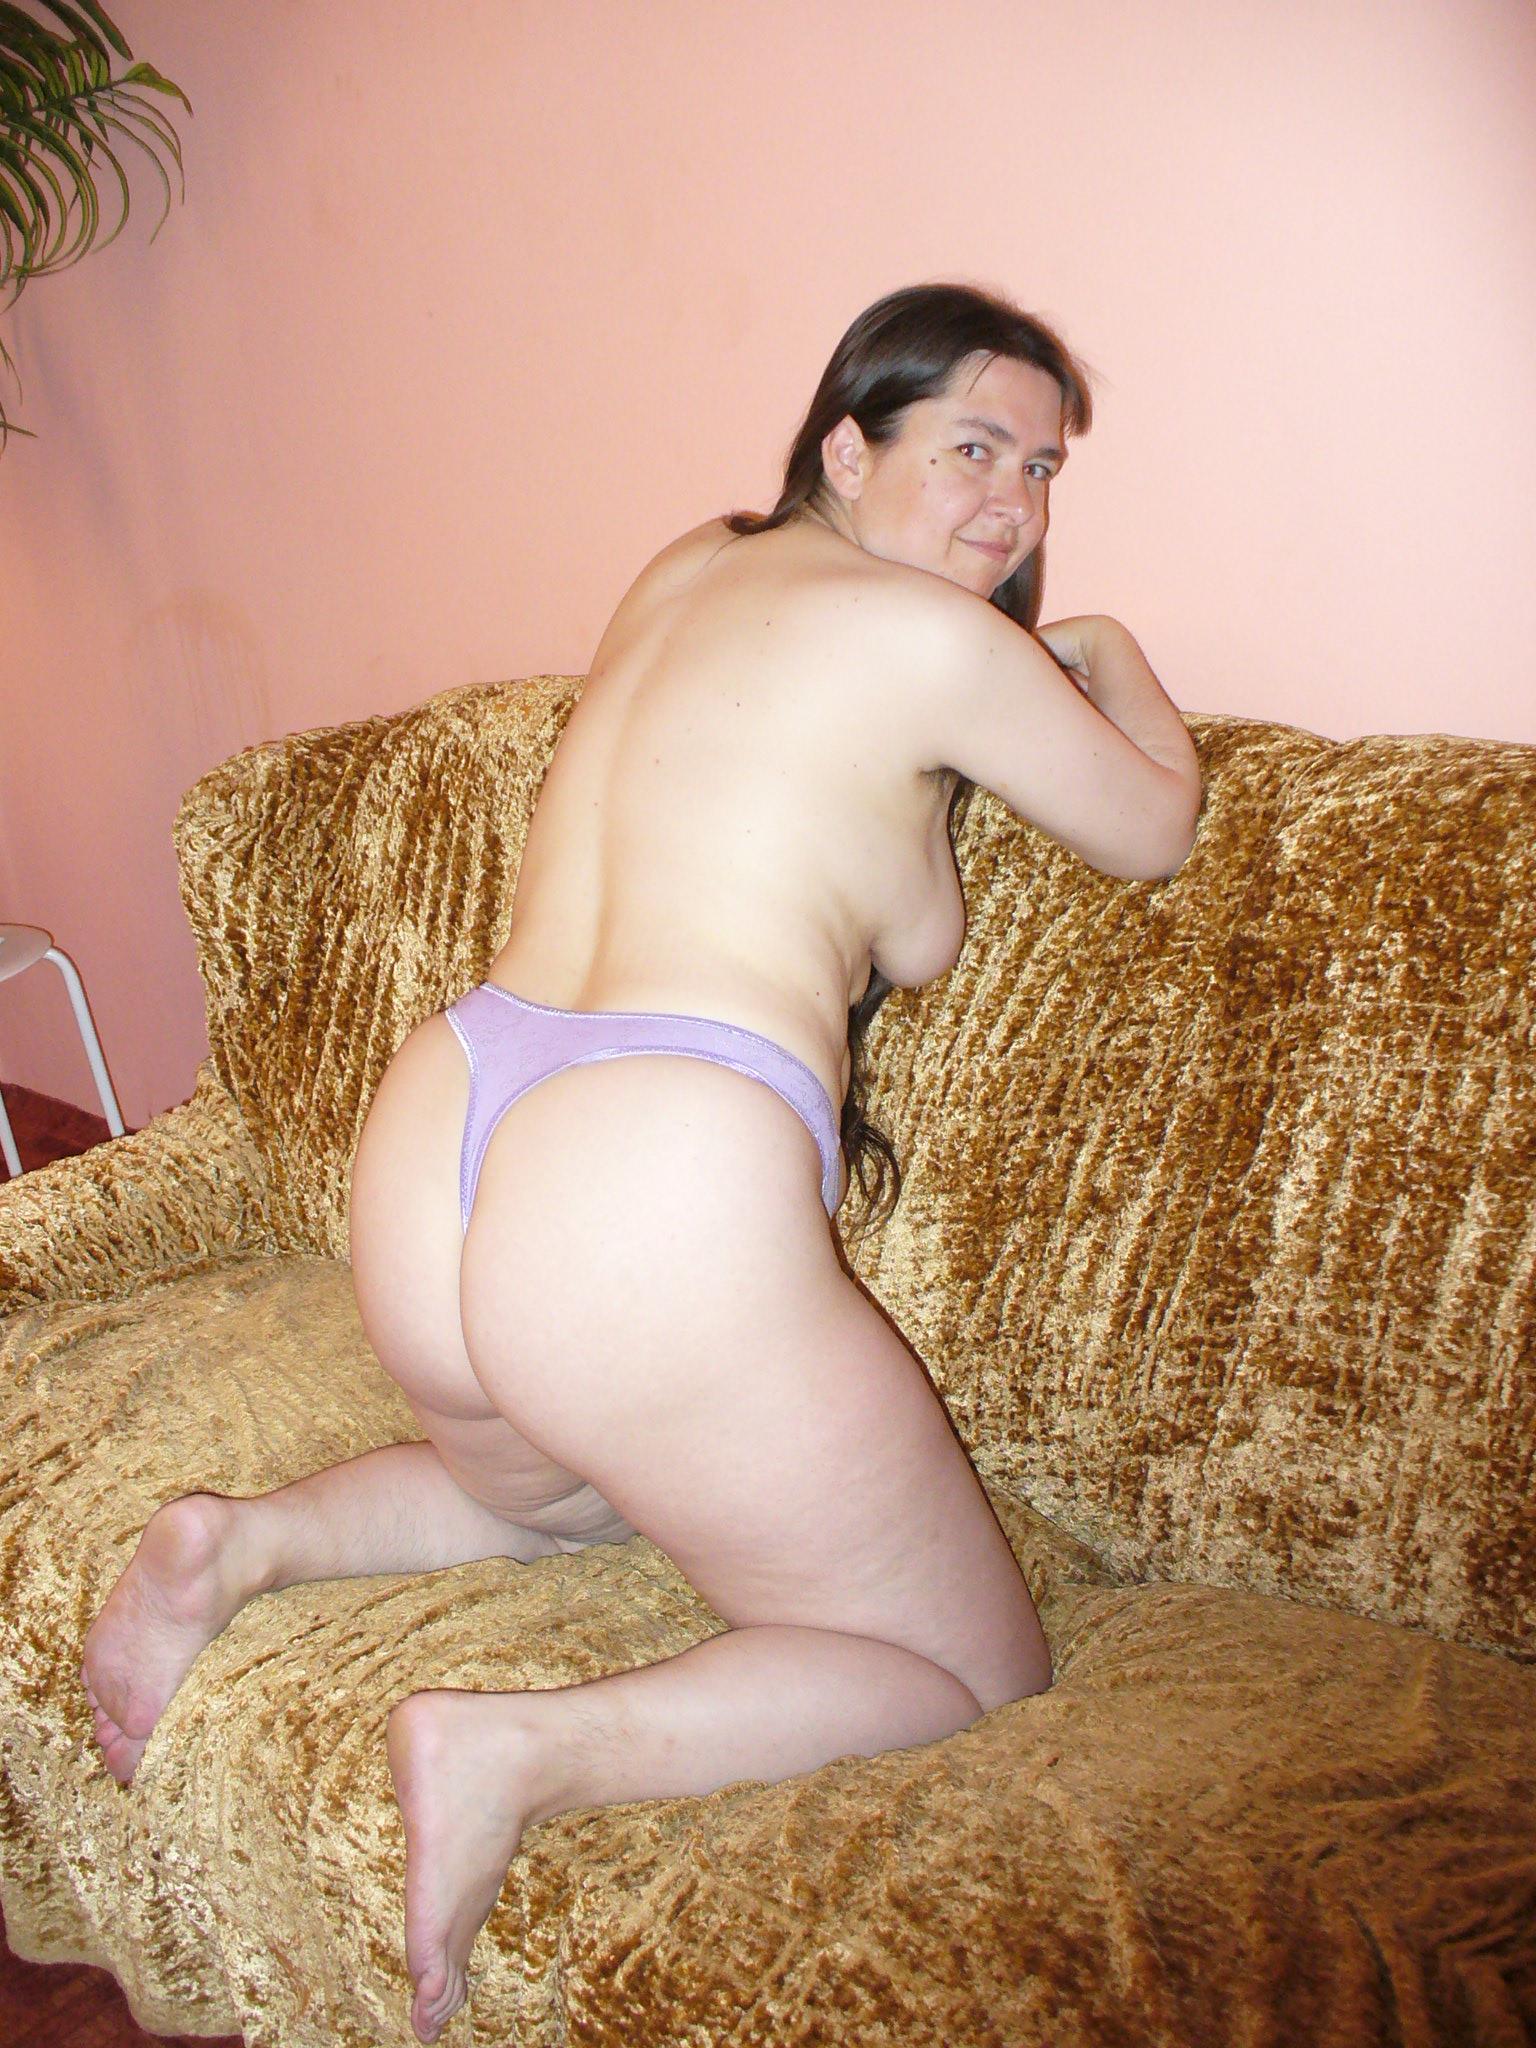 massasje lørenskog web sex